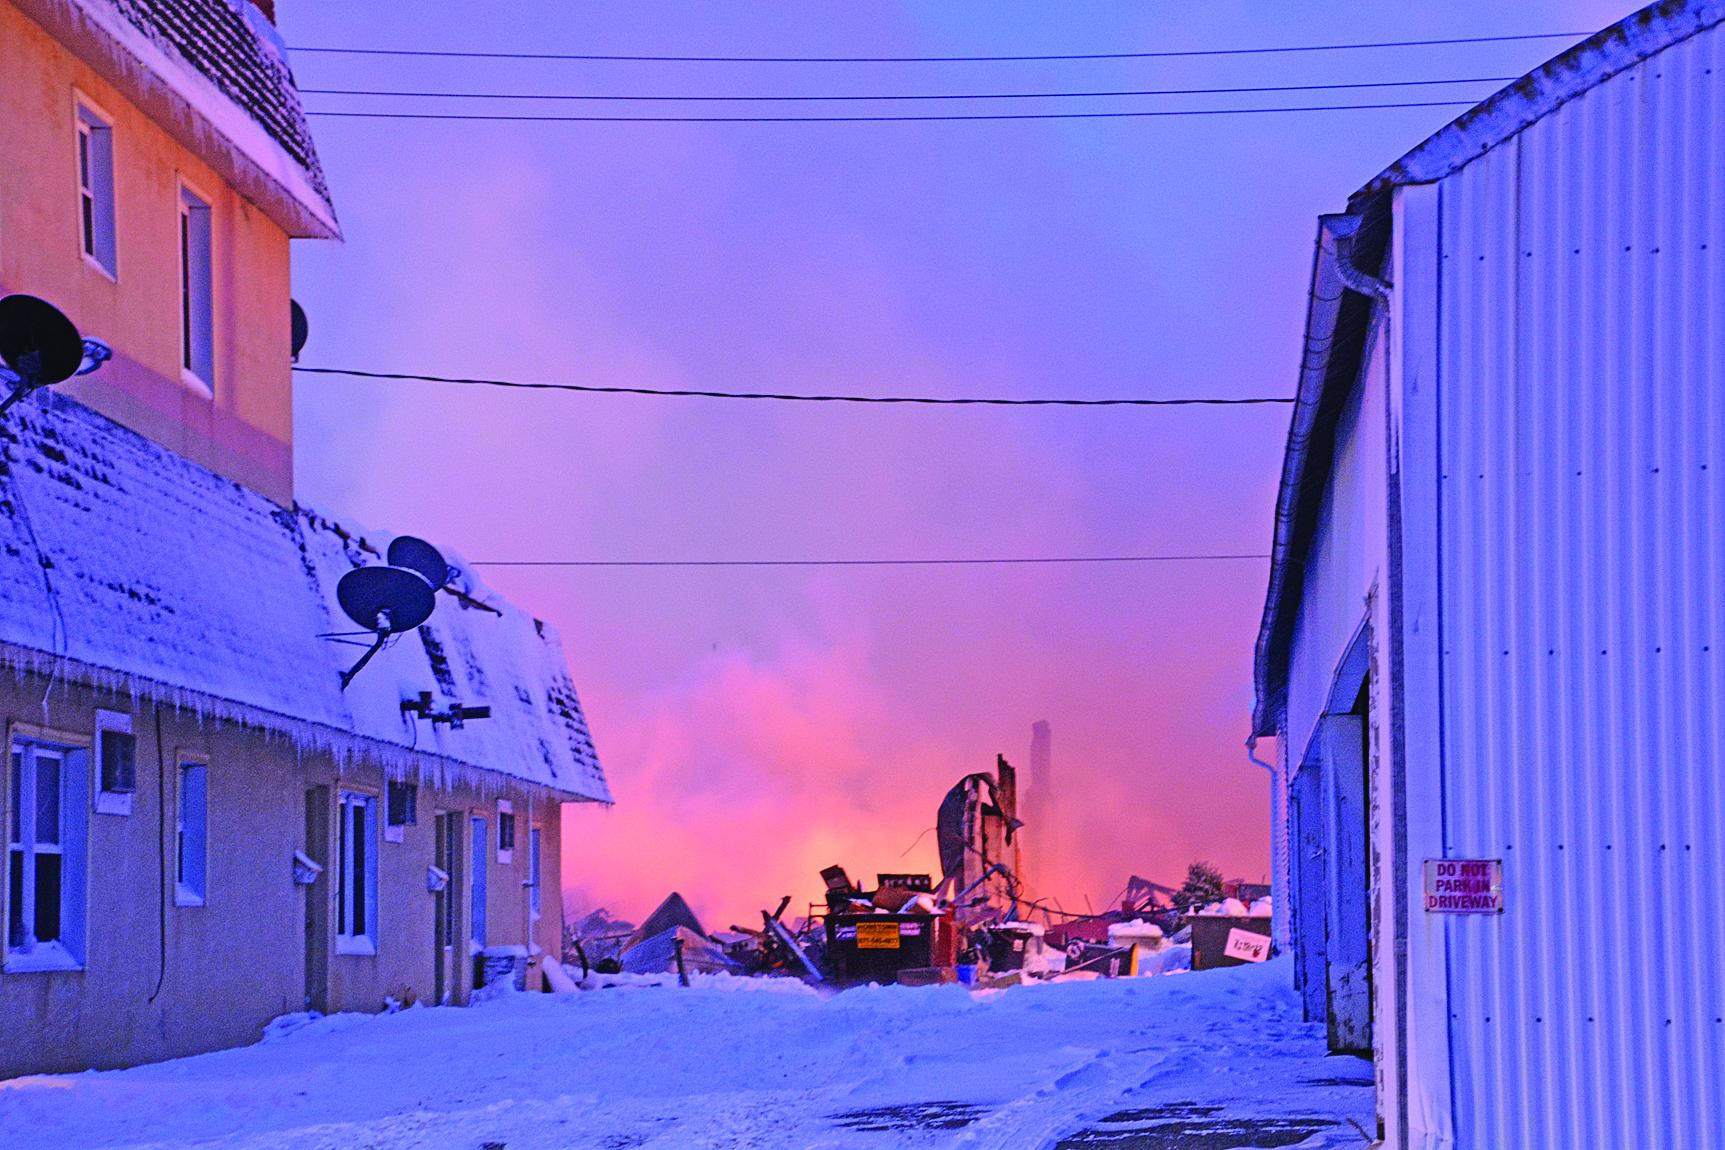 DSC_9925 pink glow from 1st ST  CMYK